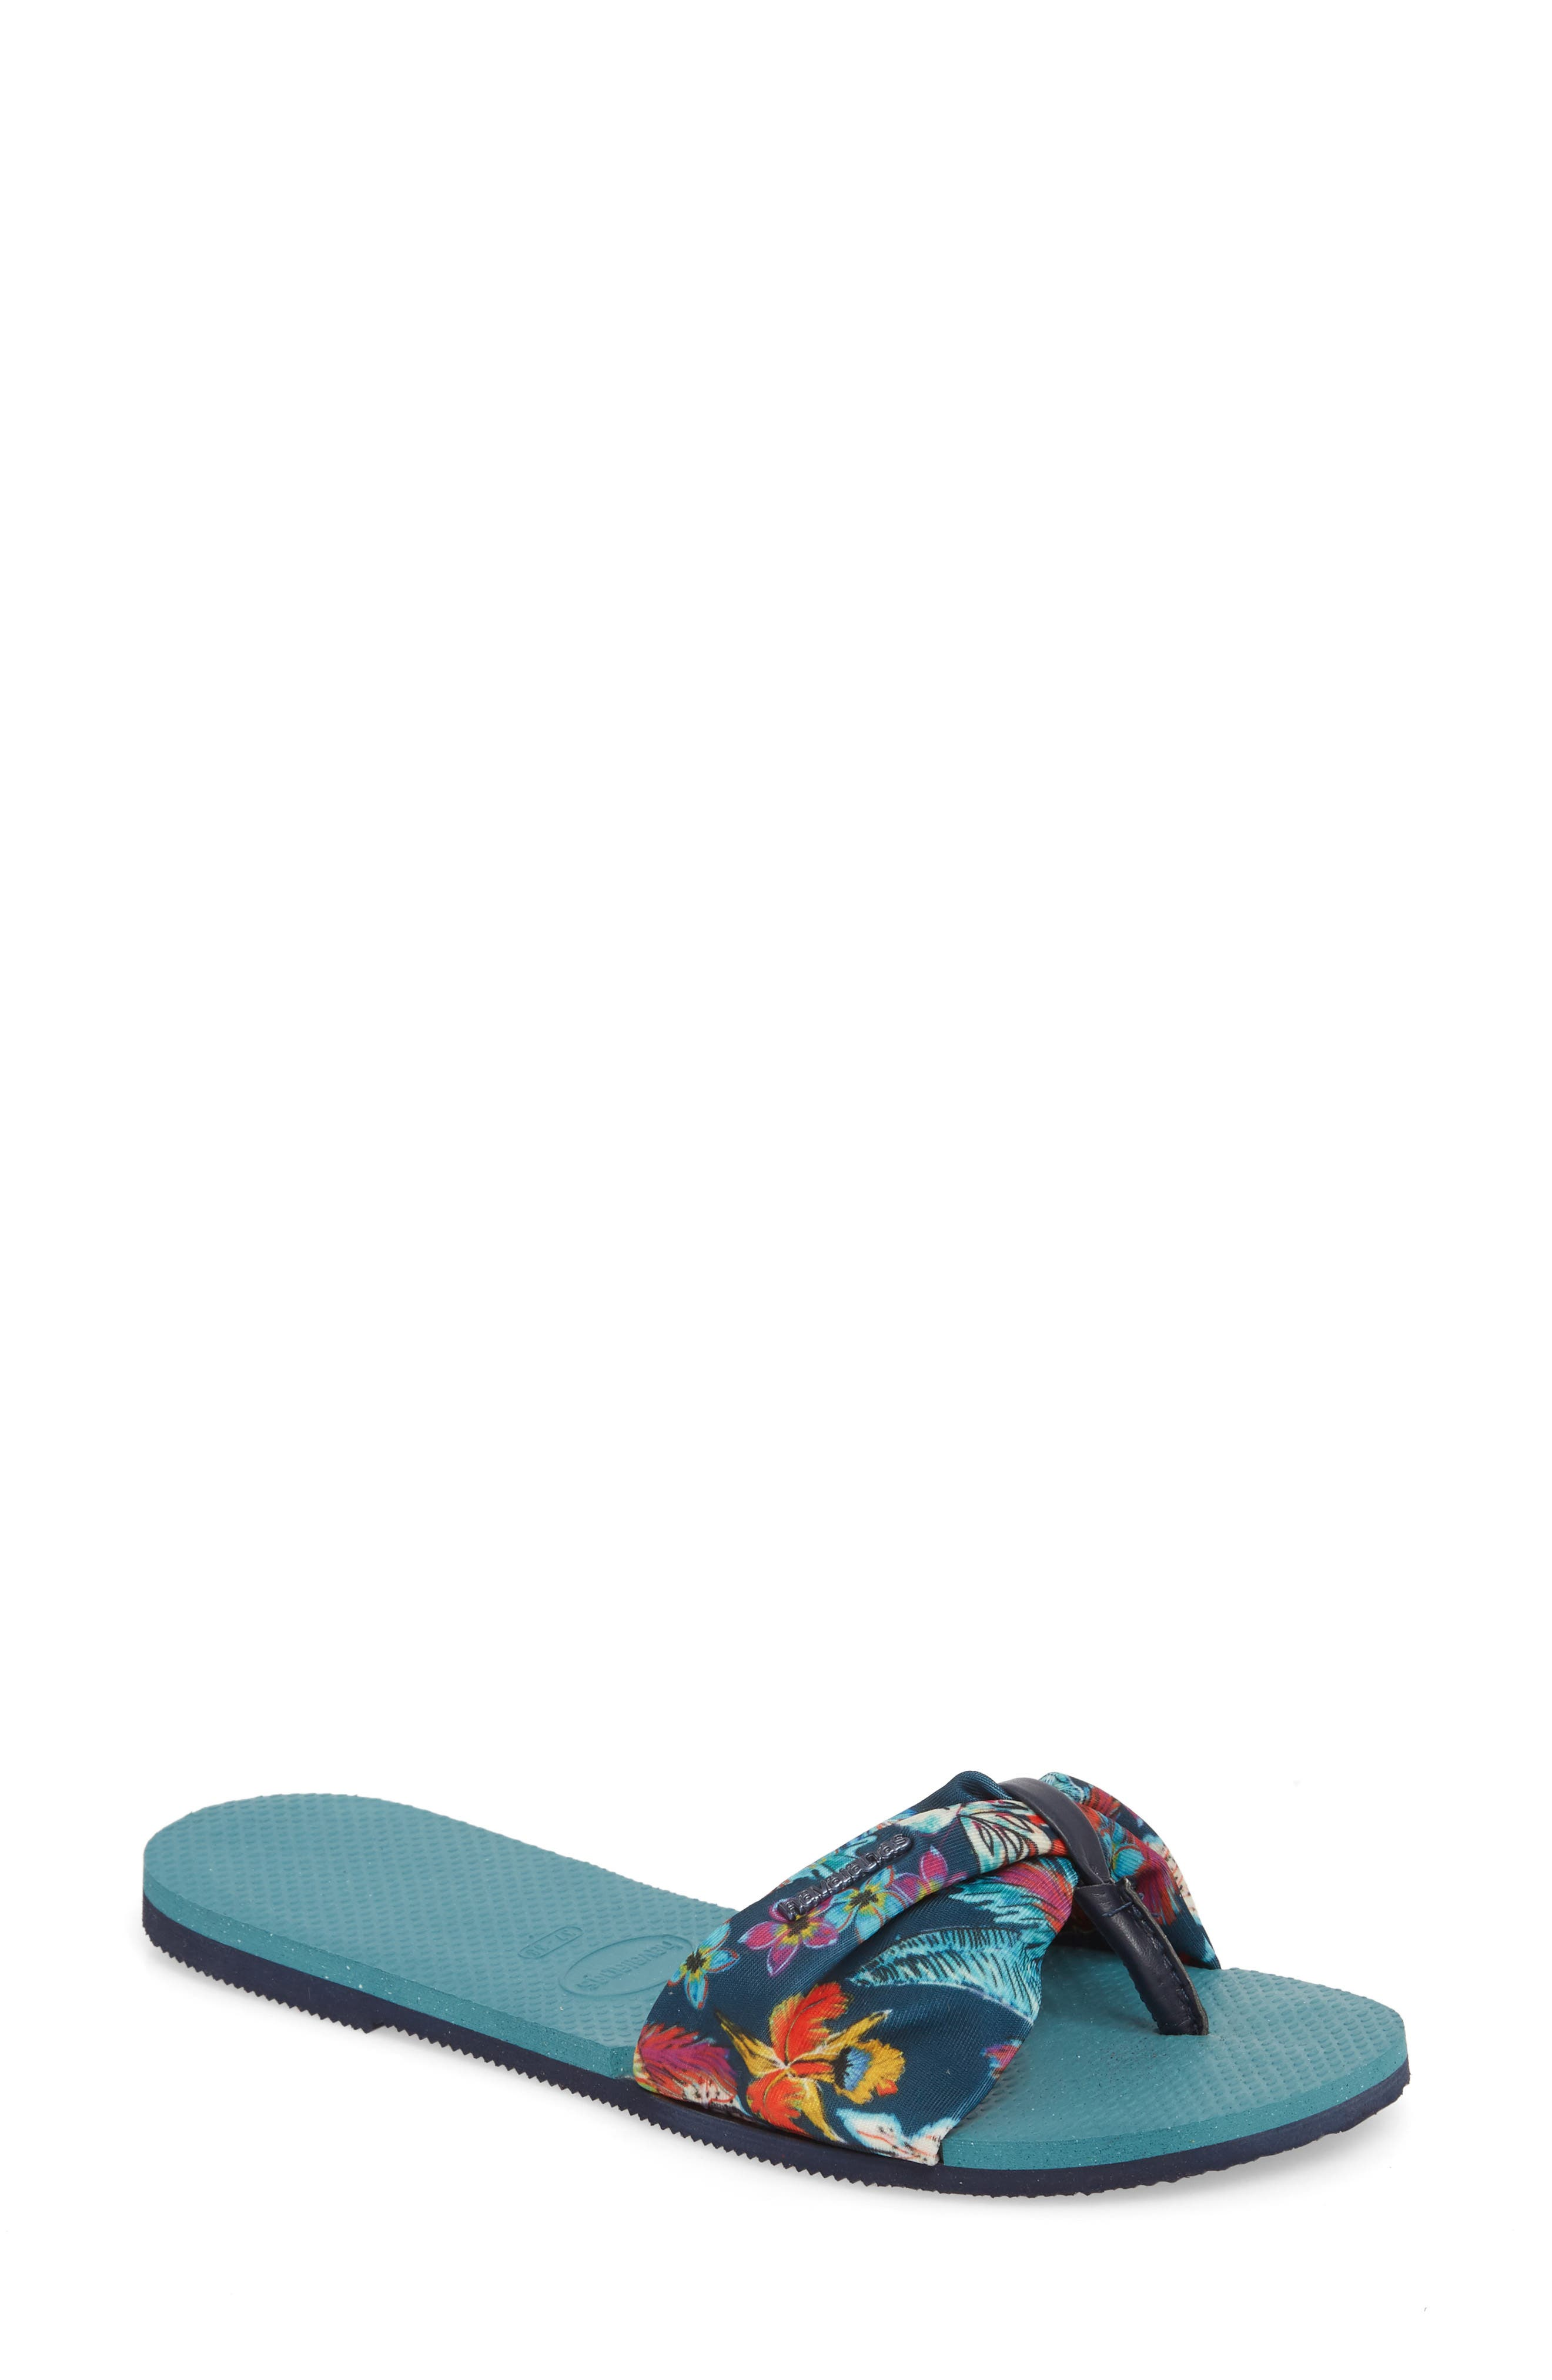 You Saint Tropez Sandal,                         Main,                         color, MINERAL BLUE